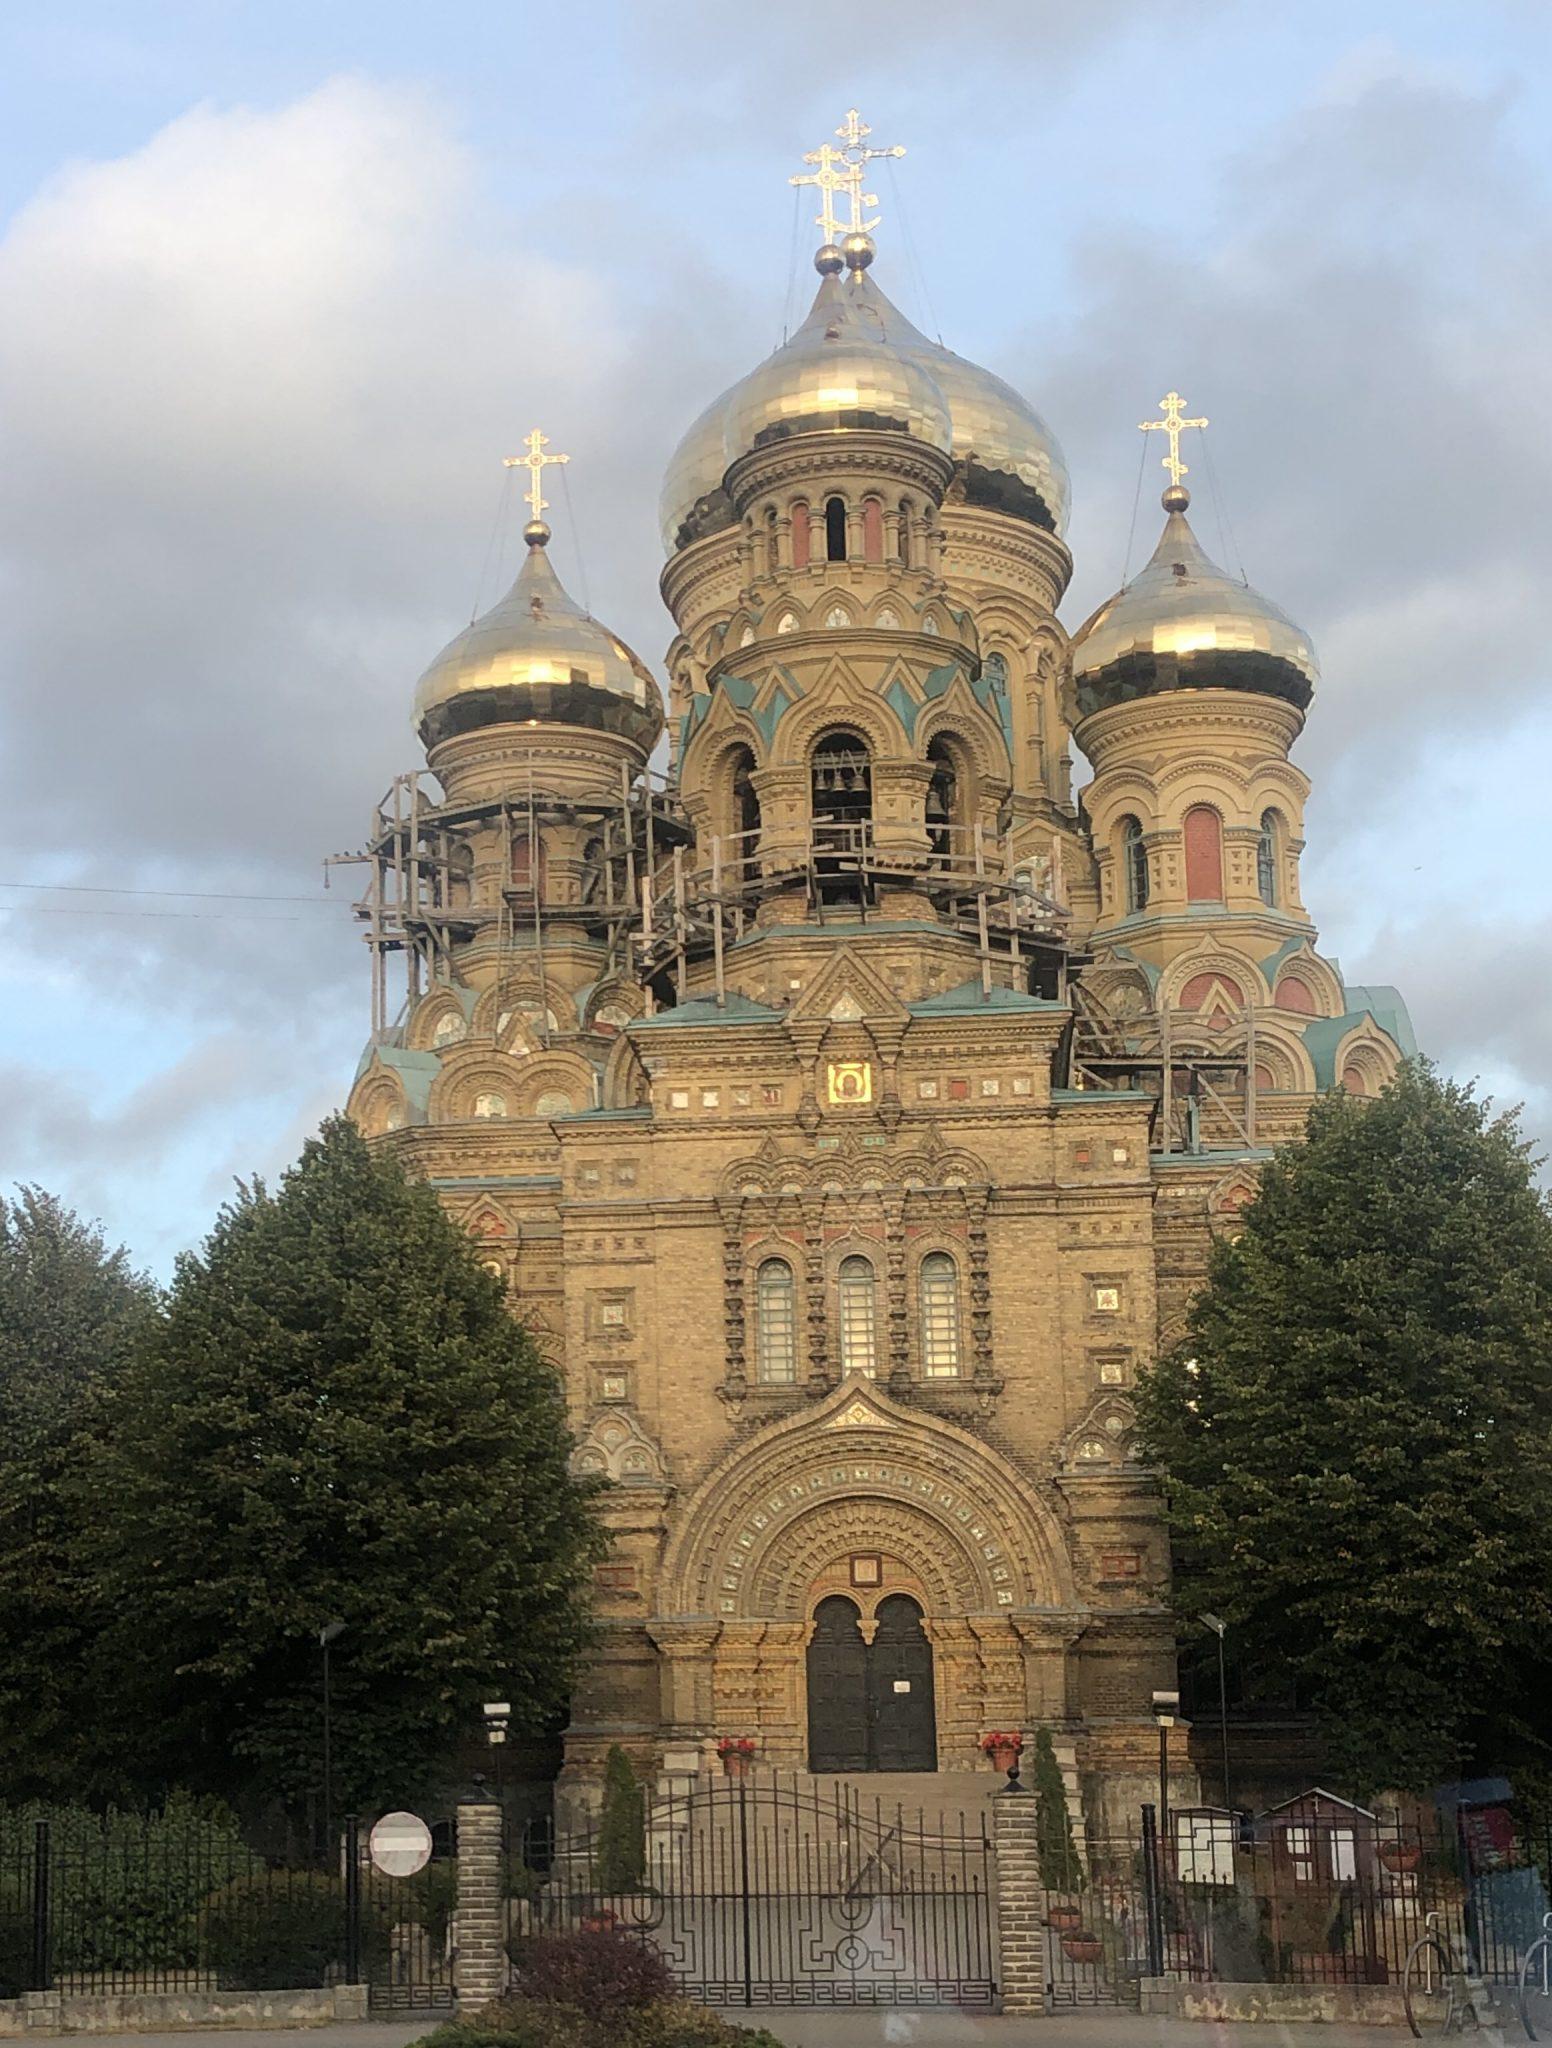 Fassade der Nikolaus-Kathedrale in der lettischen Stadt Liepāja ist eine russisch-orthodoxe Marinekathedrale und befindet sich im Stadtteil Karosta